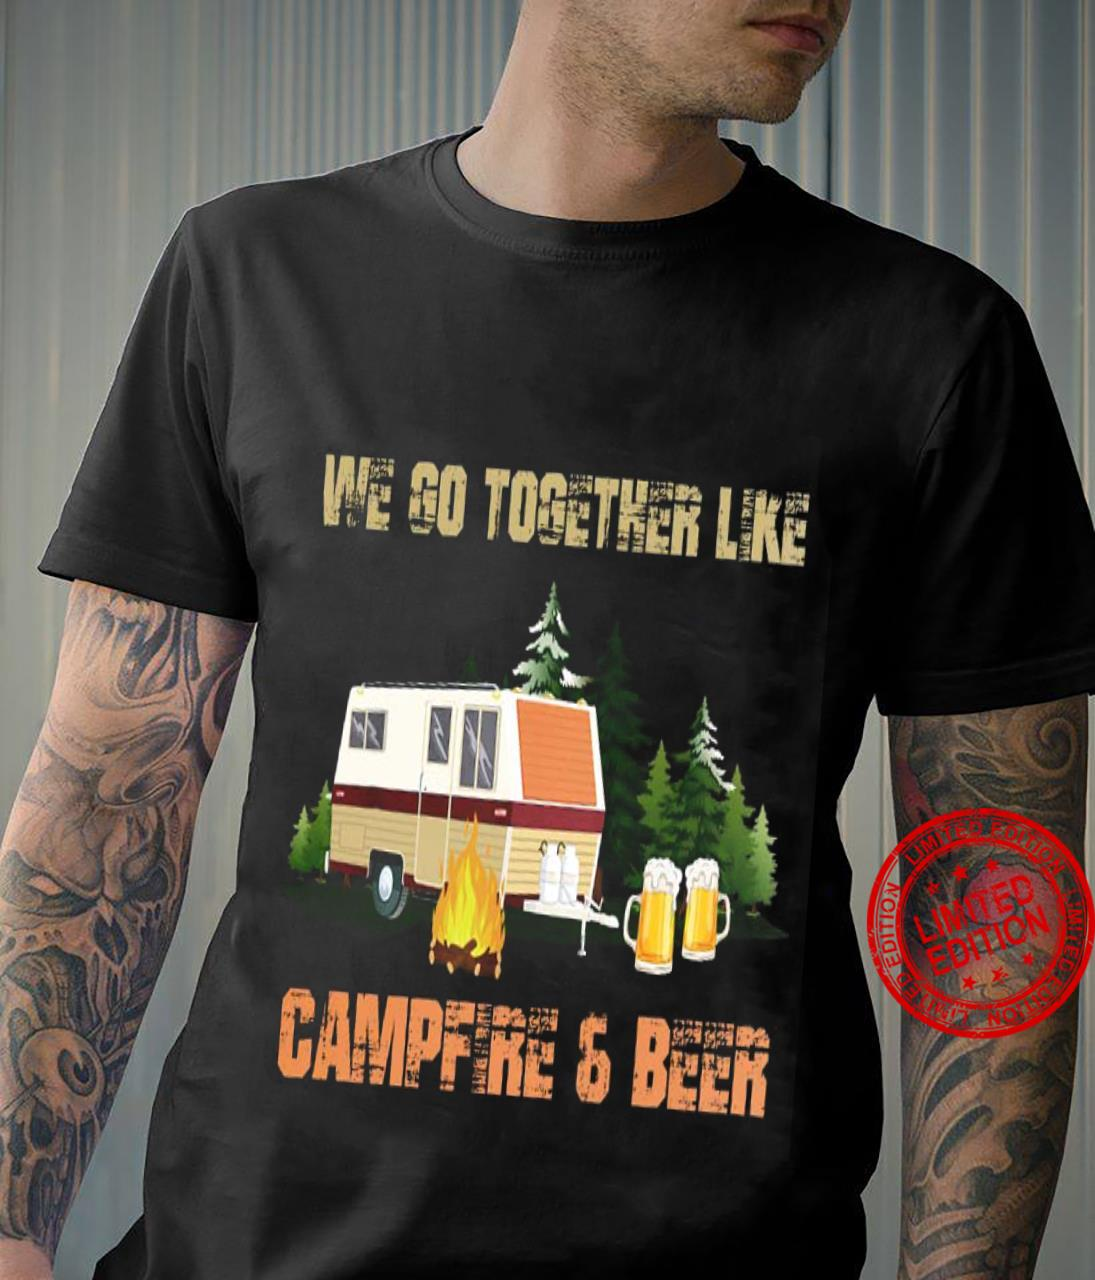 We Go Together Like Campfire Beer Shirt